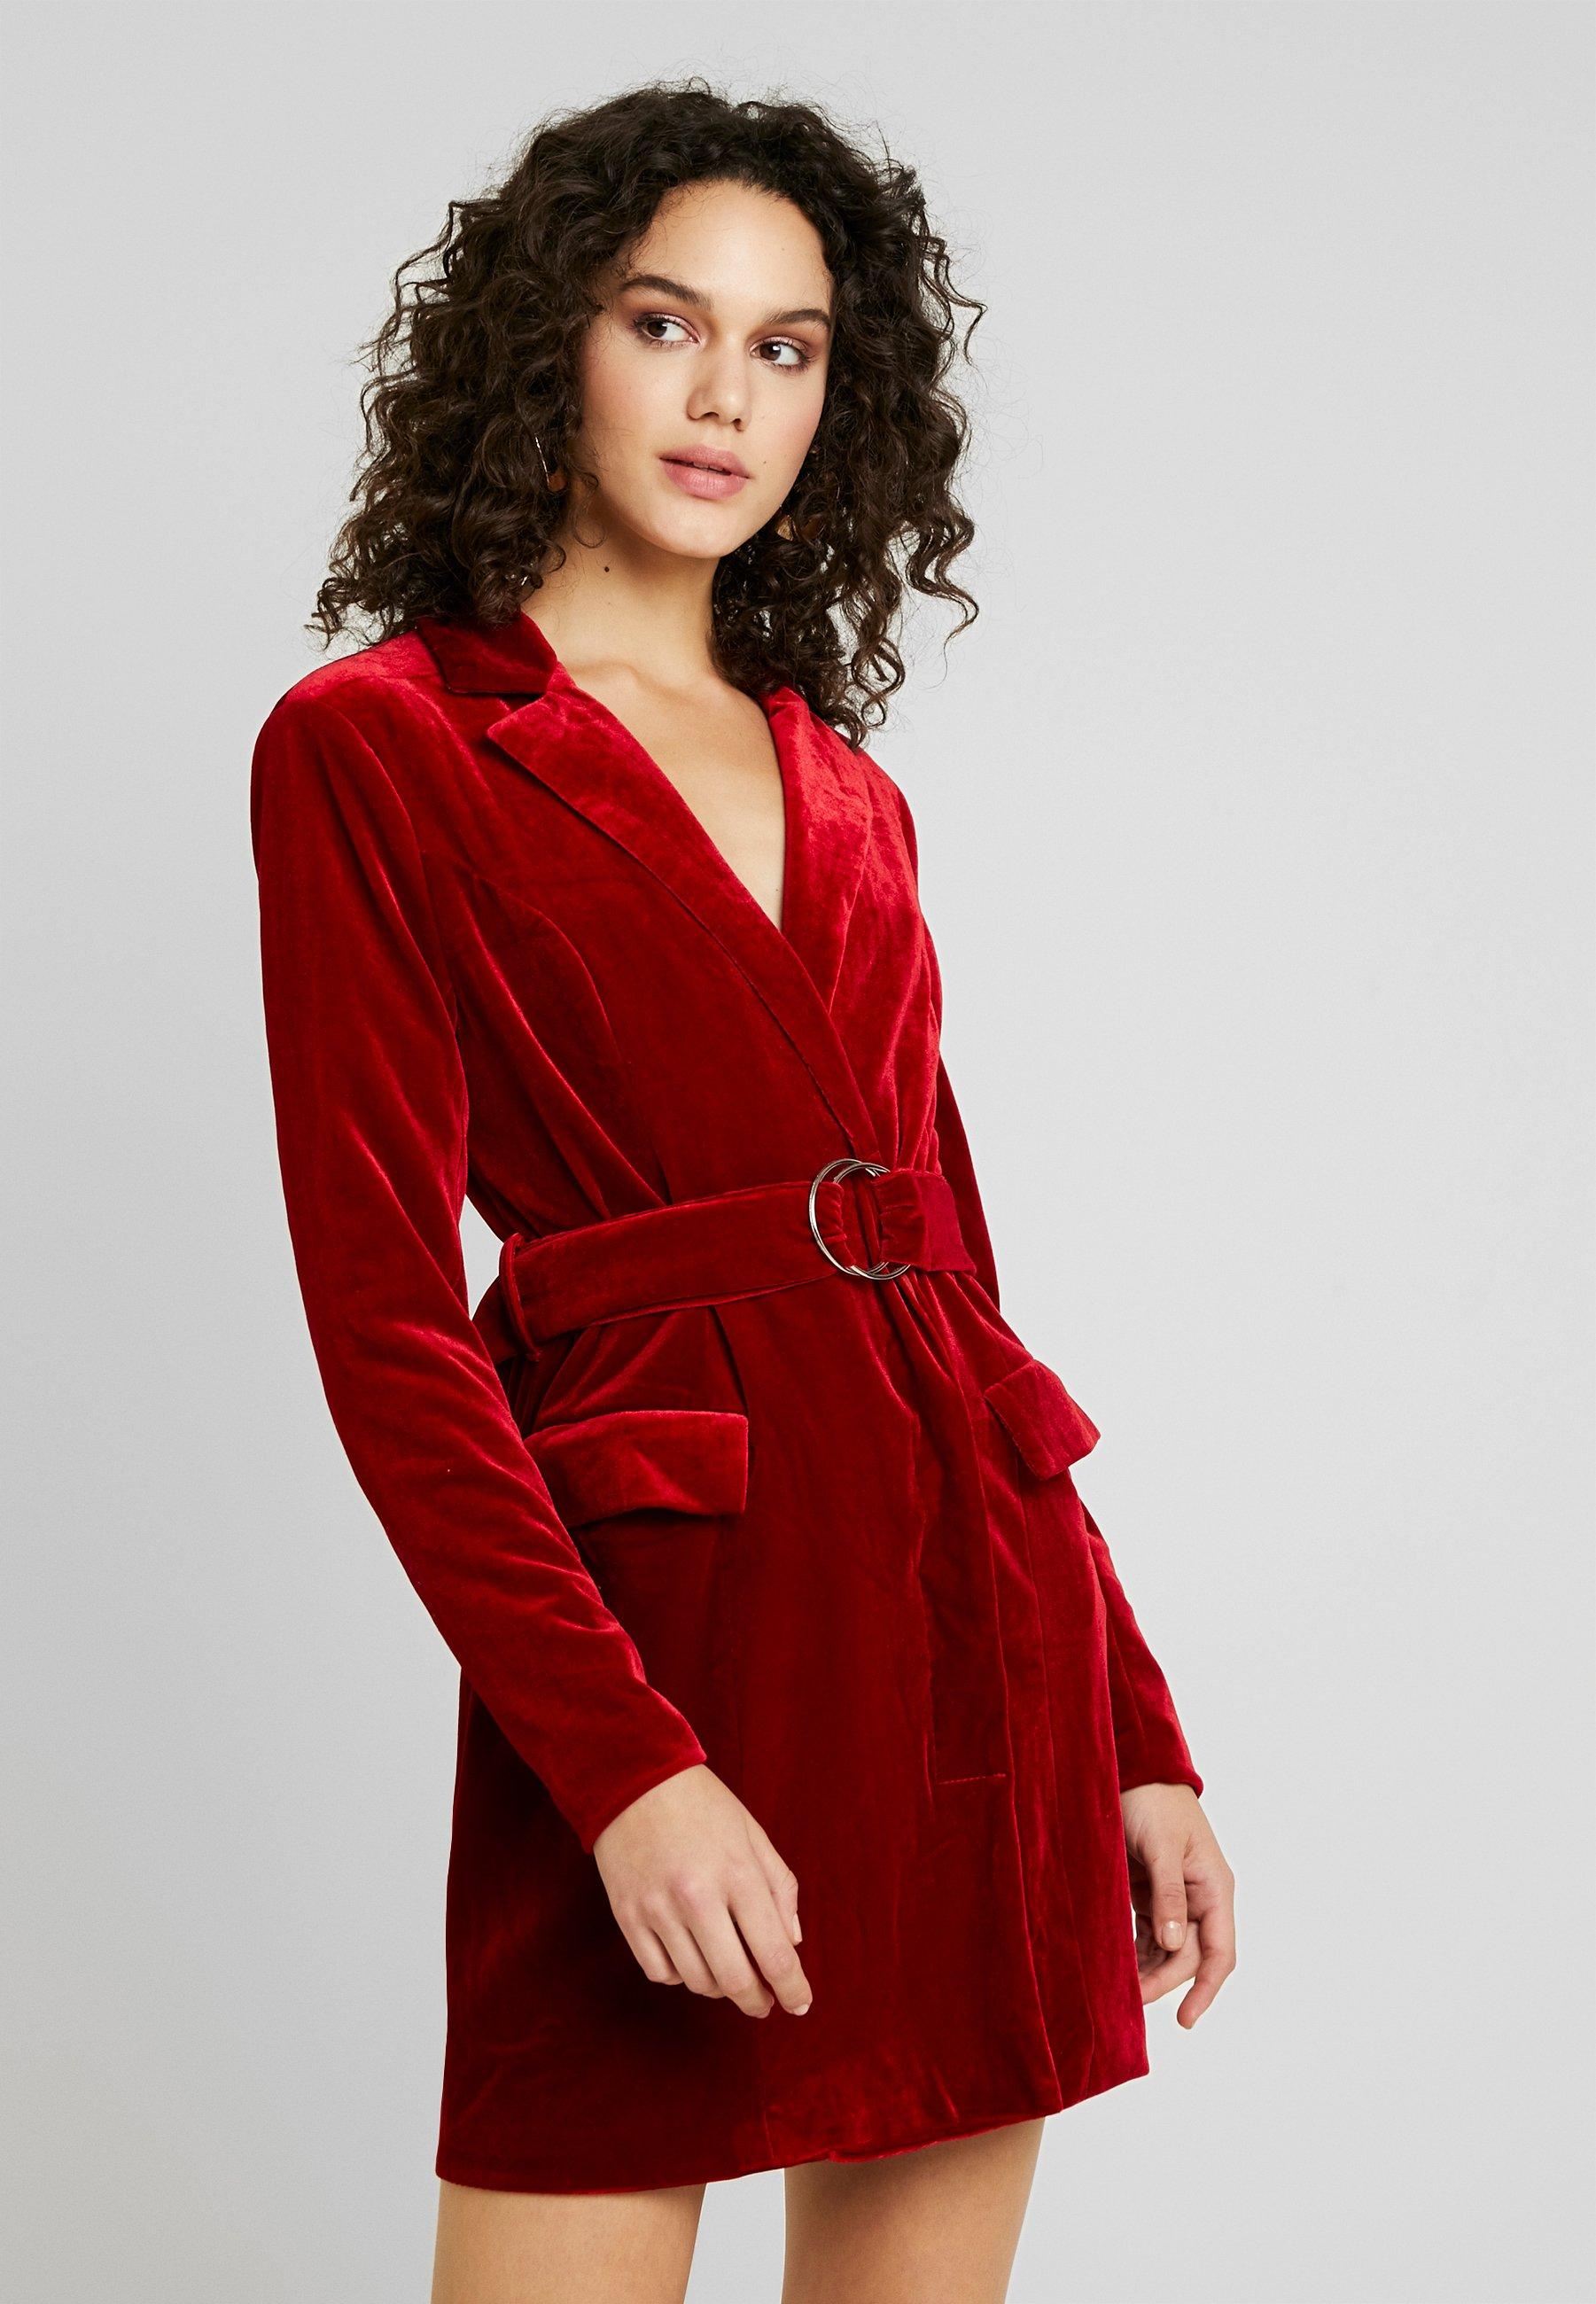 Missguided Plunge O Ring Belted Blazer Dress - Korte Jurk Red JlkiTnIt